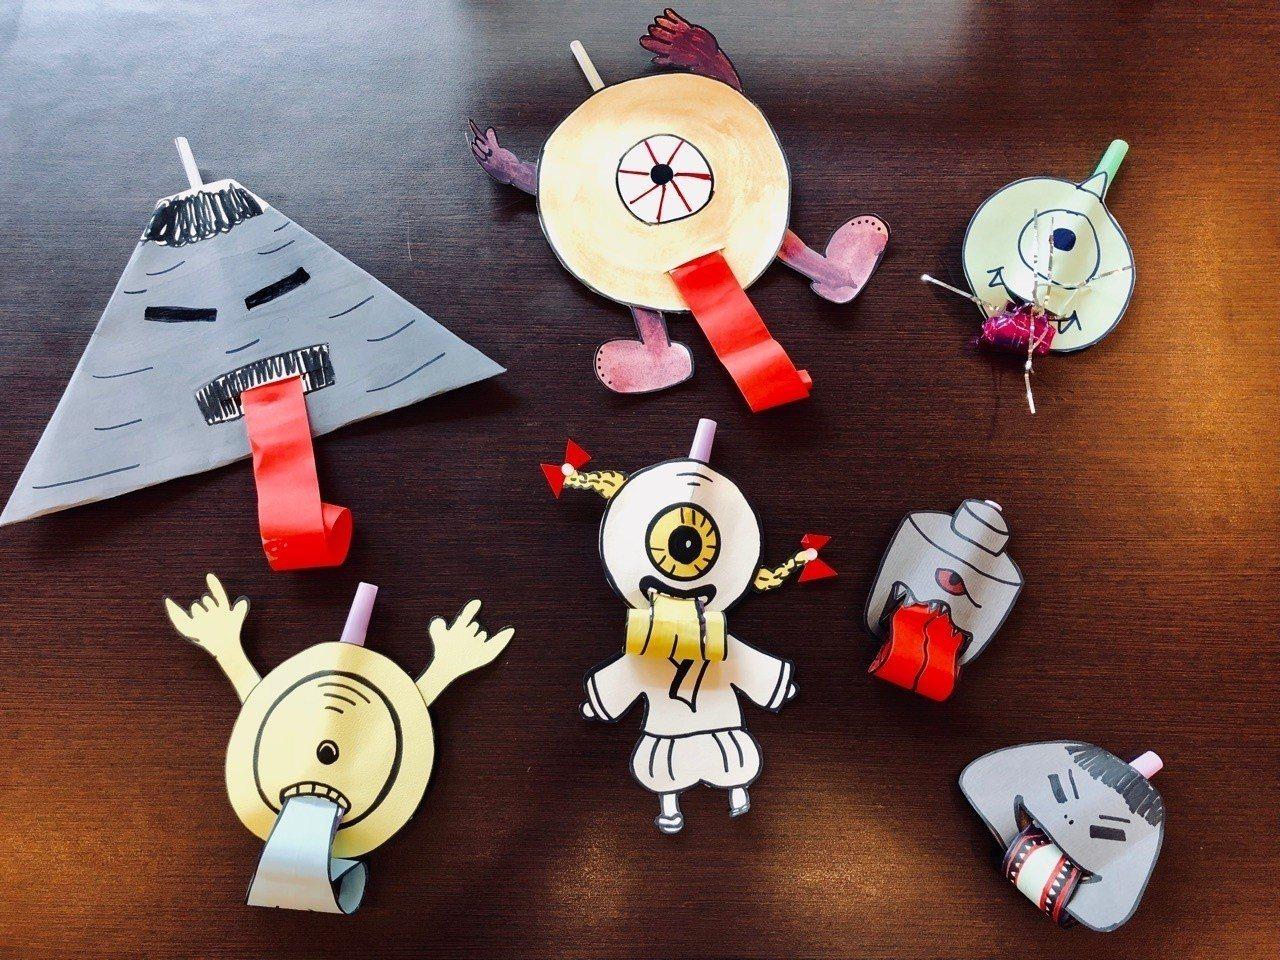 台史博在暑假推出的「仙怪實驗室」,手作DIY系列活動中的「仙怪故事紙玩意」,邀請...